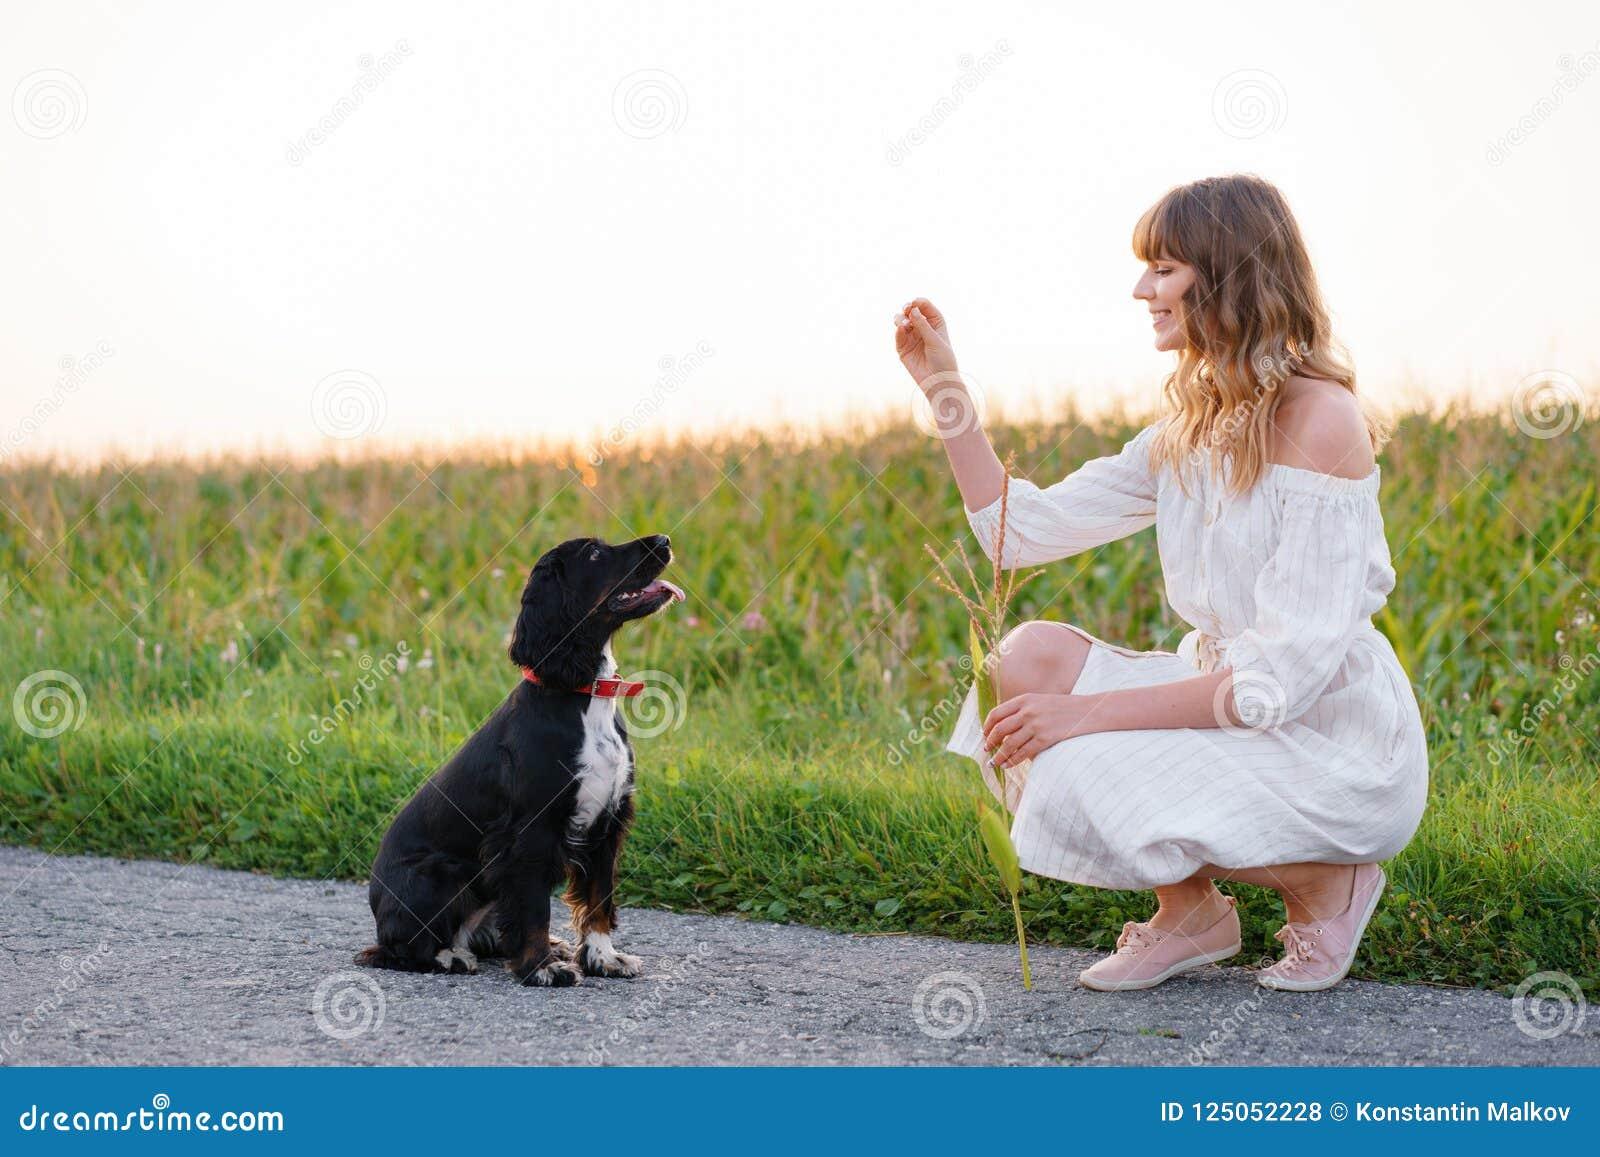 Junges nettes Mädchen, das ein Hundrusse-Spaniel ausbildet Schwarzes Hündchen sitzt zu ihrem Inhaber Sonnenuntergang in der Natur